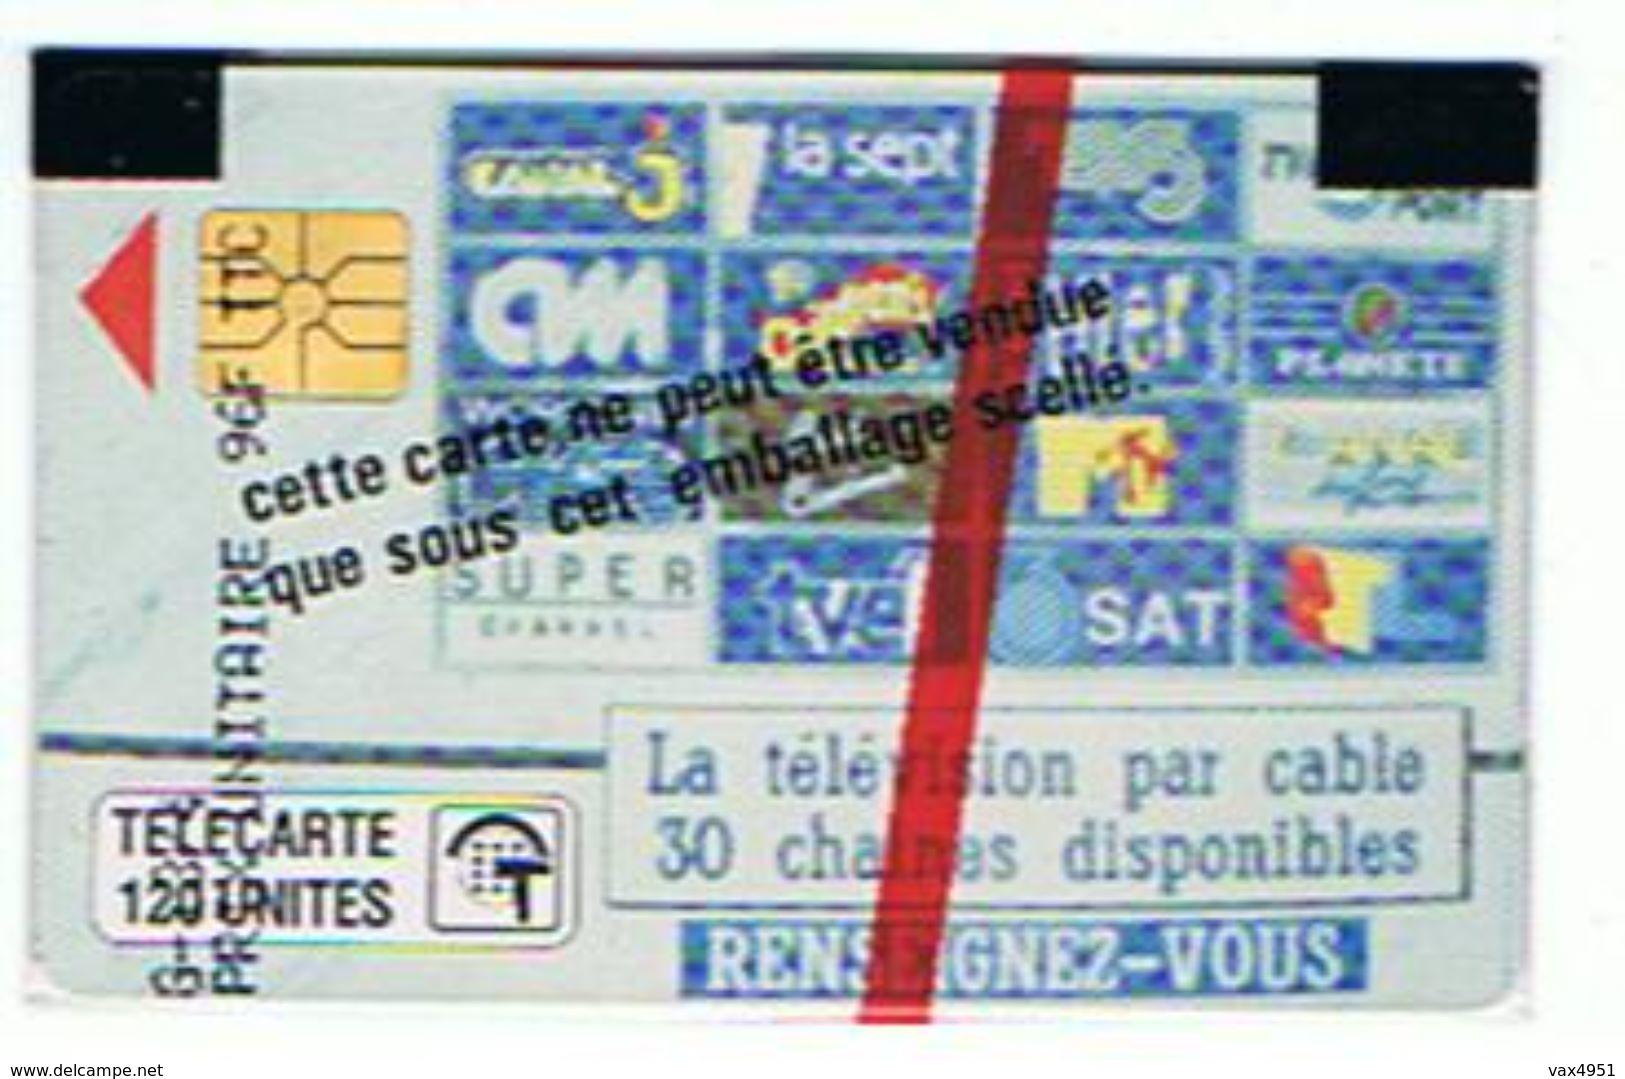 CARTE NEUVE SOUS BLISTER STE MONEGASQUE DES EAUX   LA TELEVISION PAR CABLE 120 UNITES      ***  RARE   SAISIR *** - Monaco